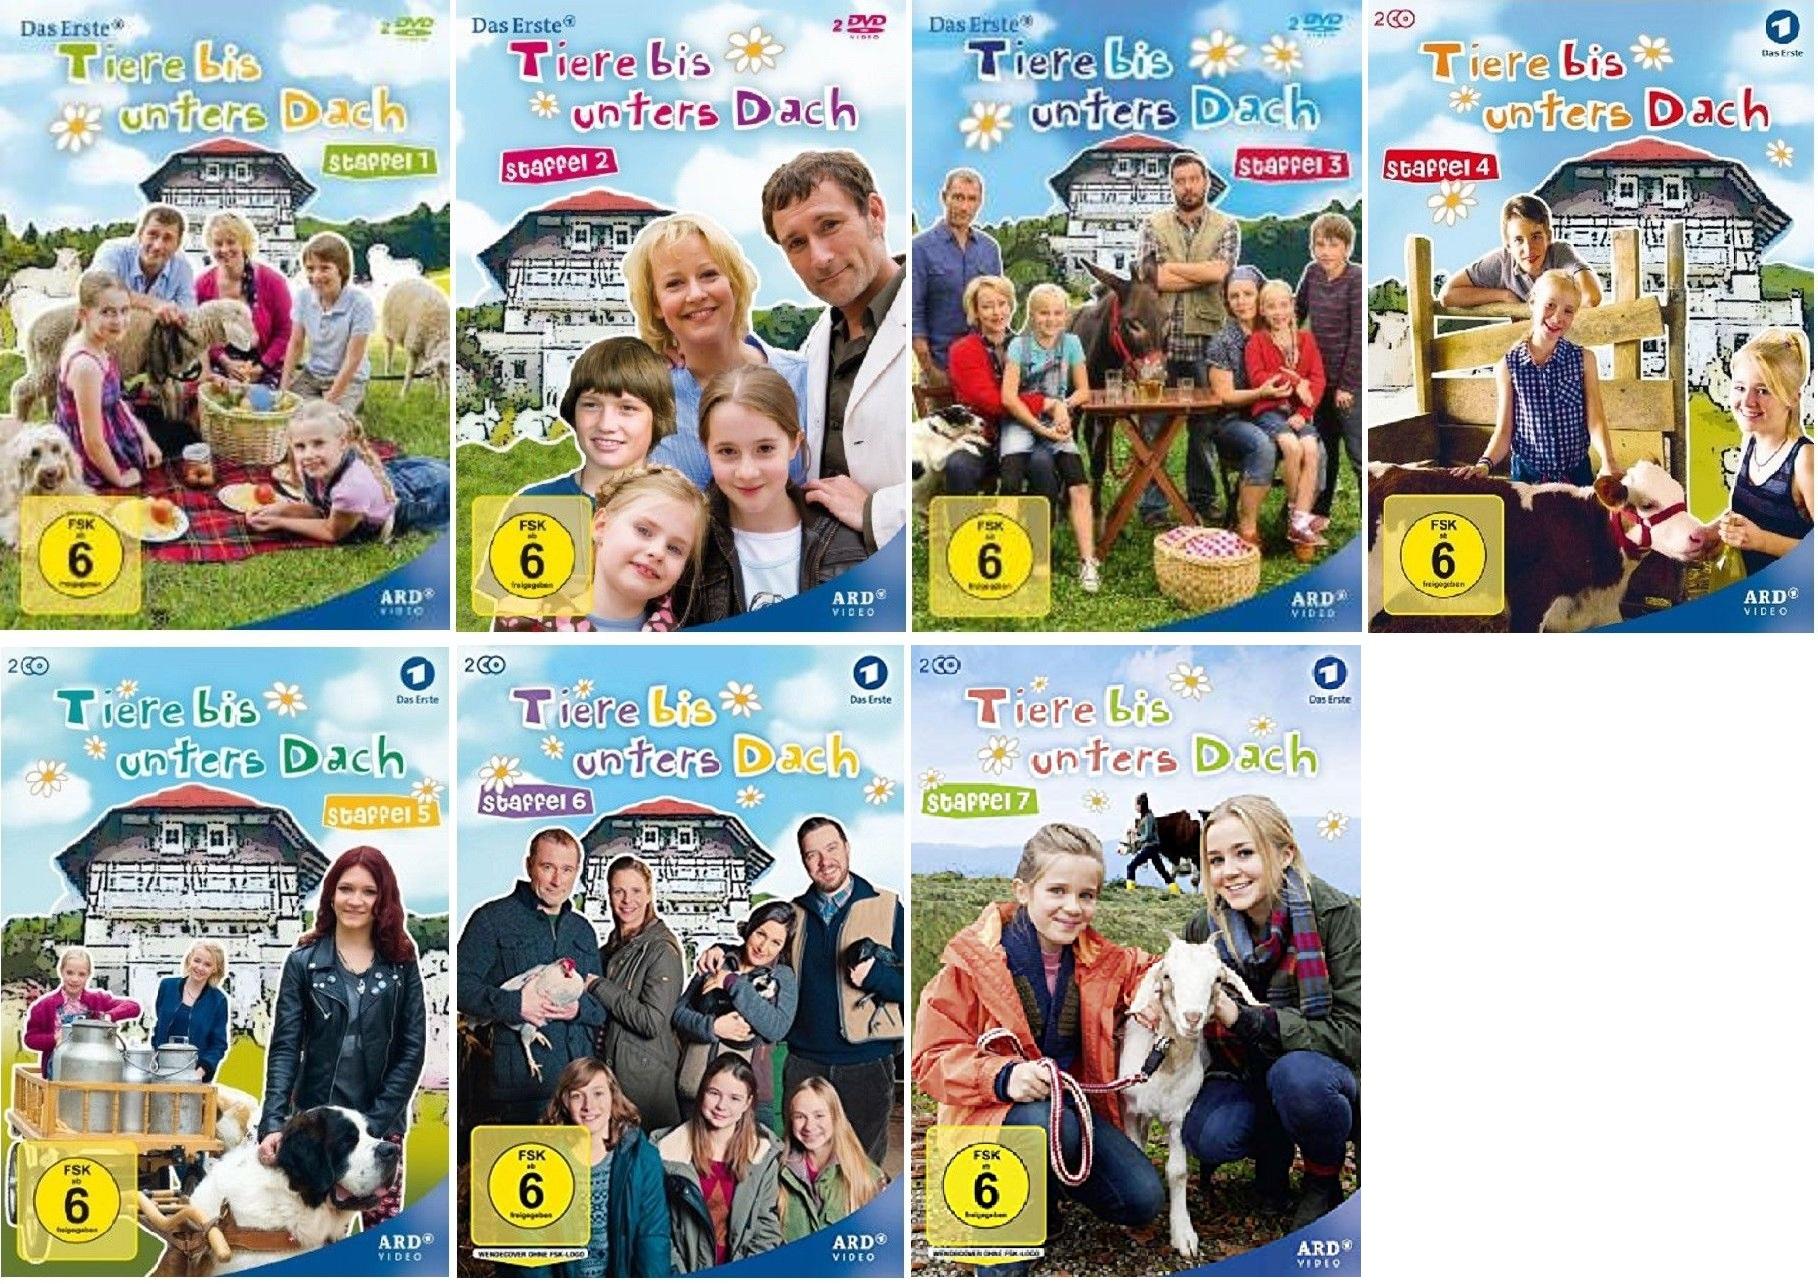 Tiere Bis Unters Dach Staffel 1 7 1 2 3 4 5 6 7 1 Bis 7 Dvd Set Folge 1 91 Neu Ebay